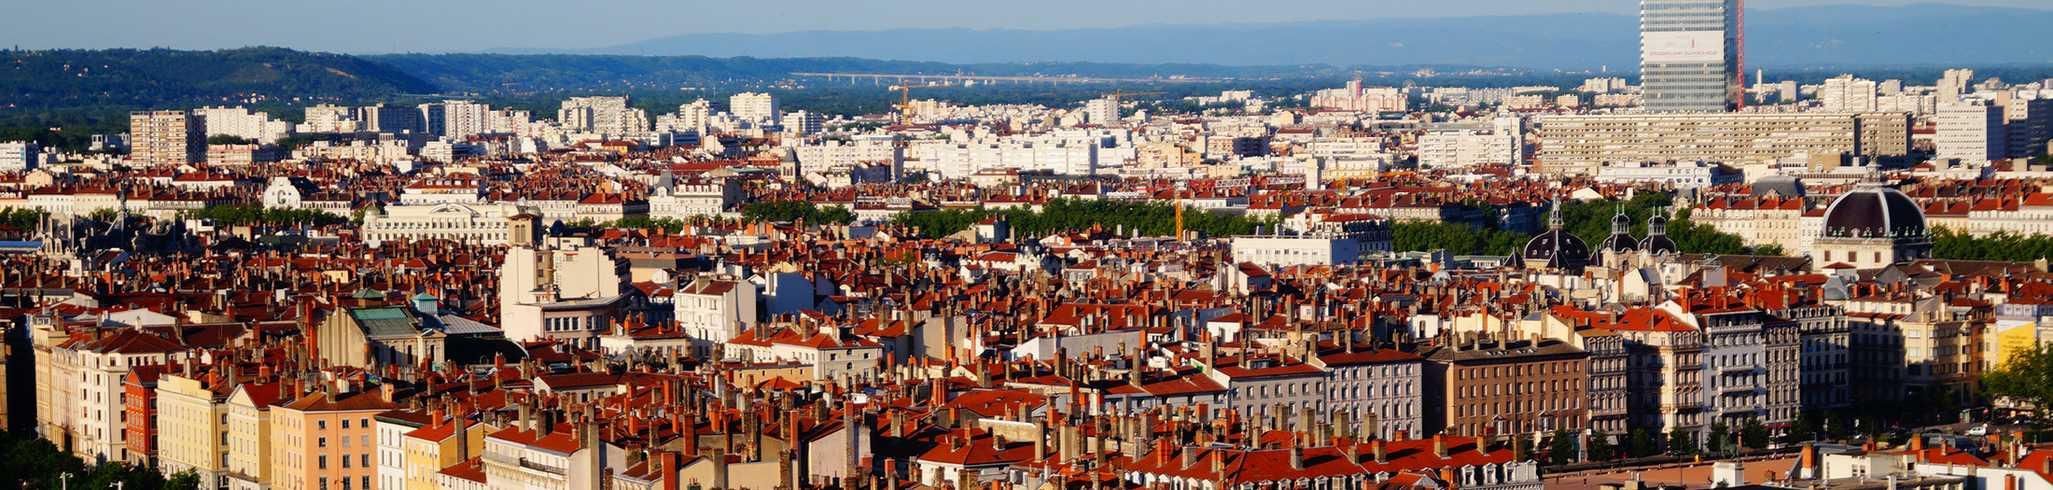 Département du Rhône - Lyon